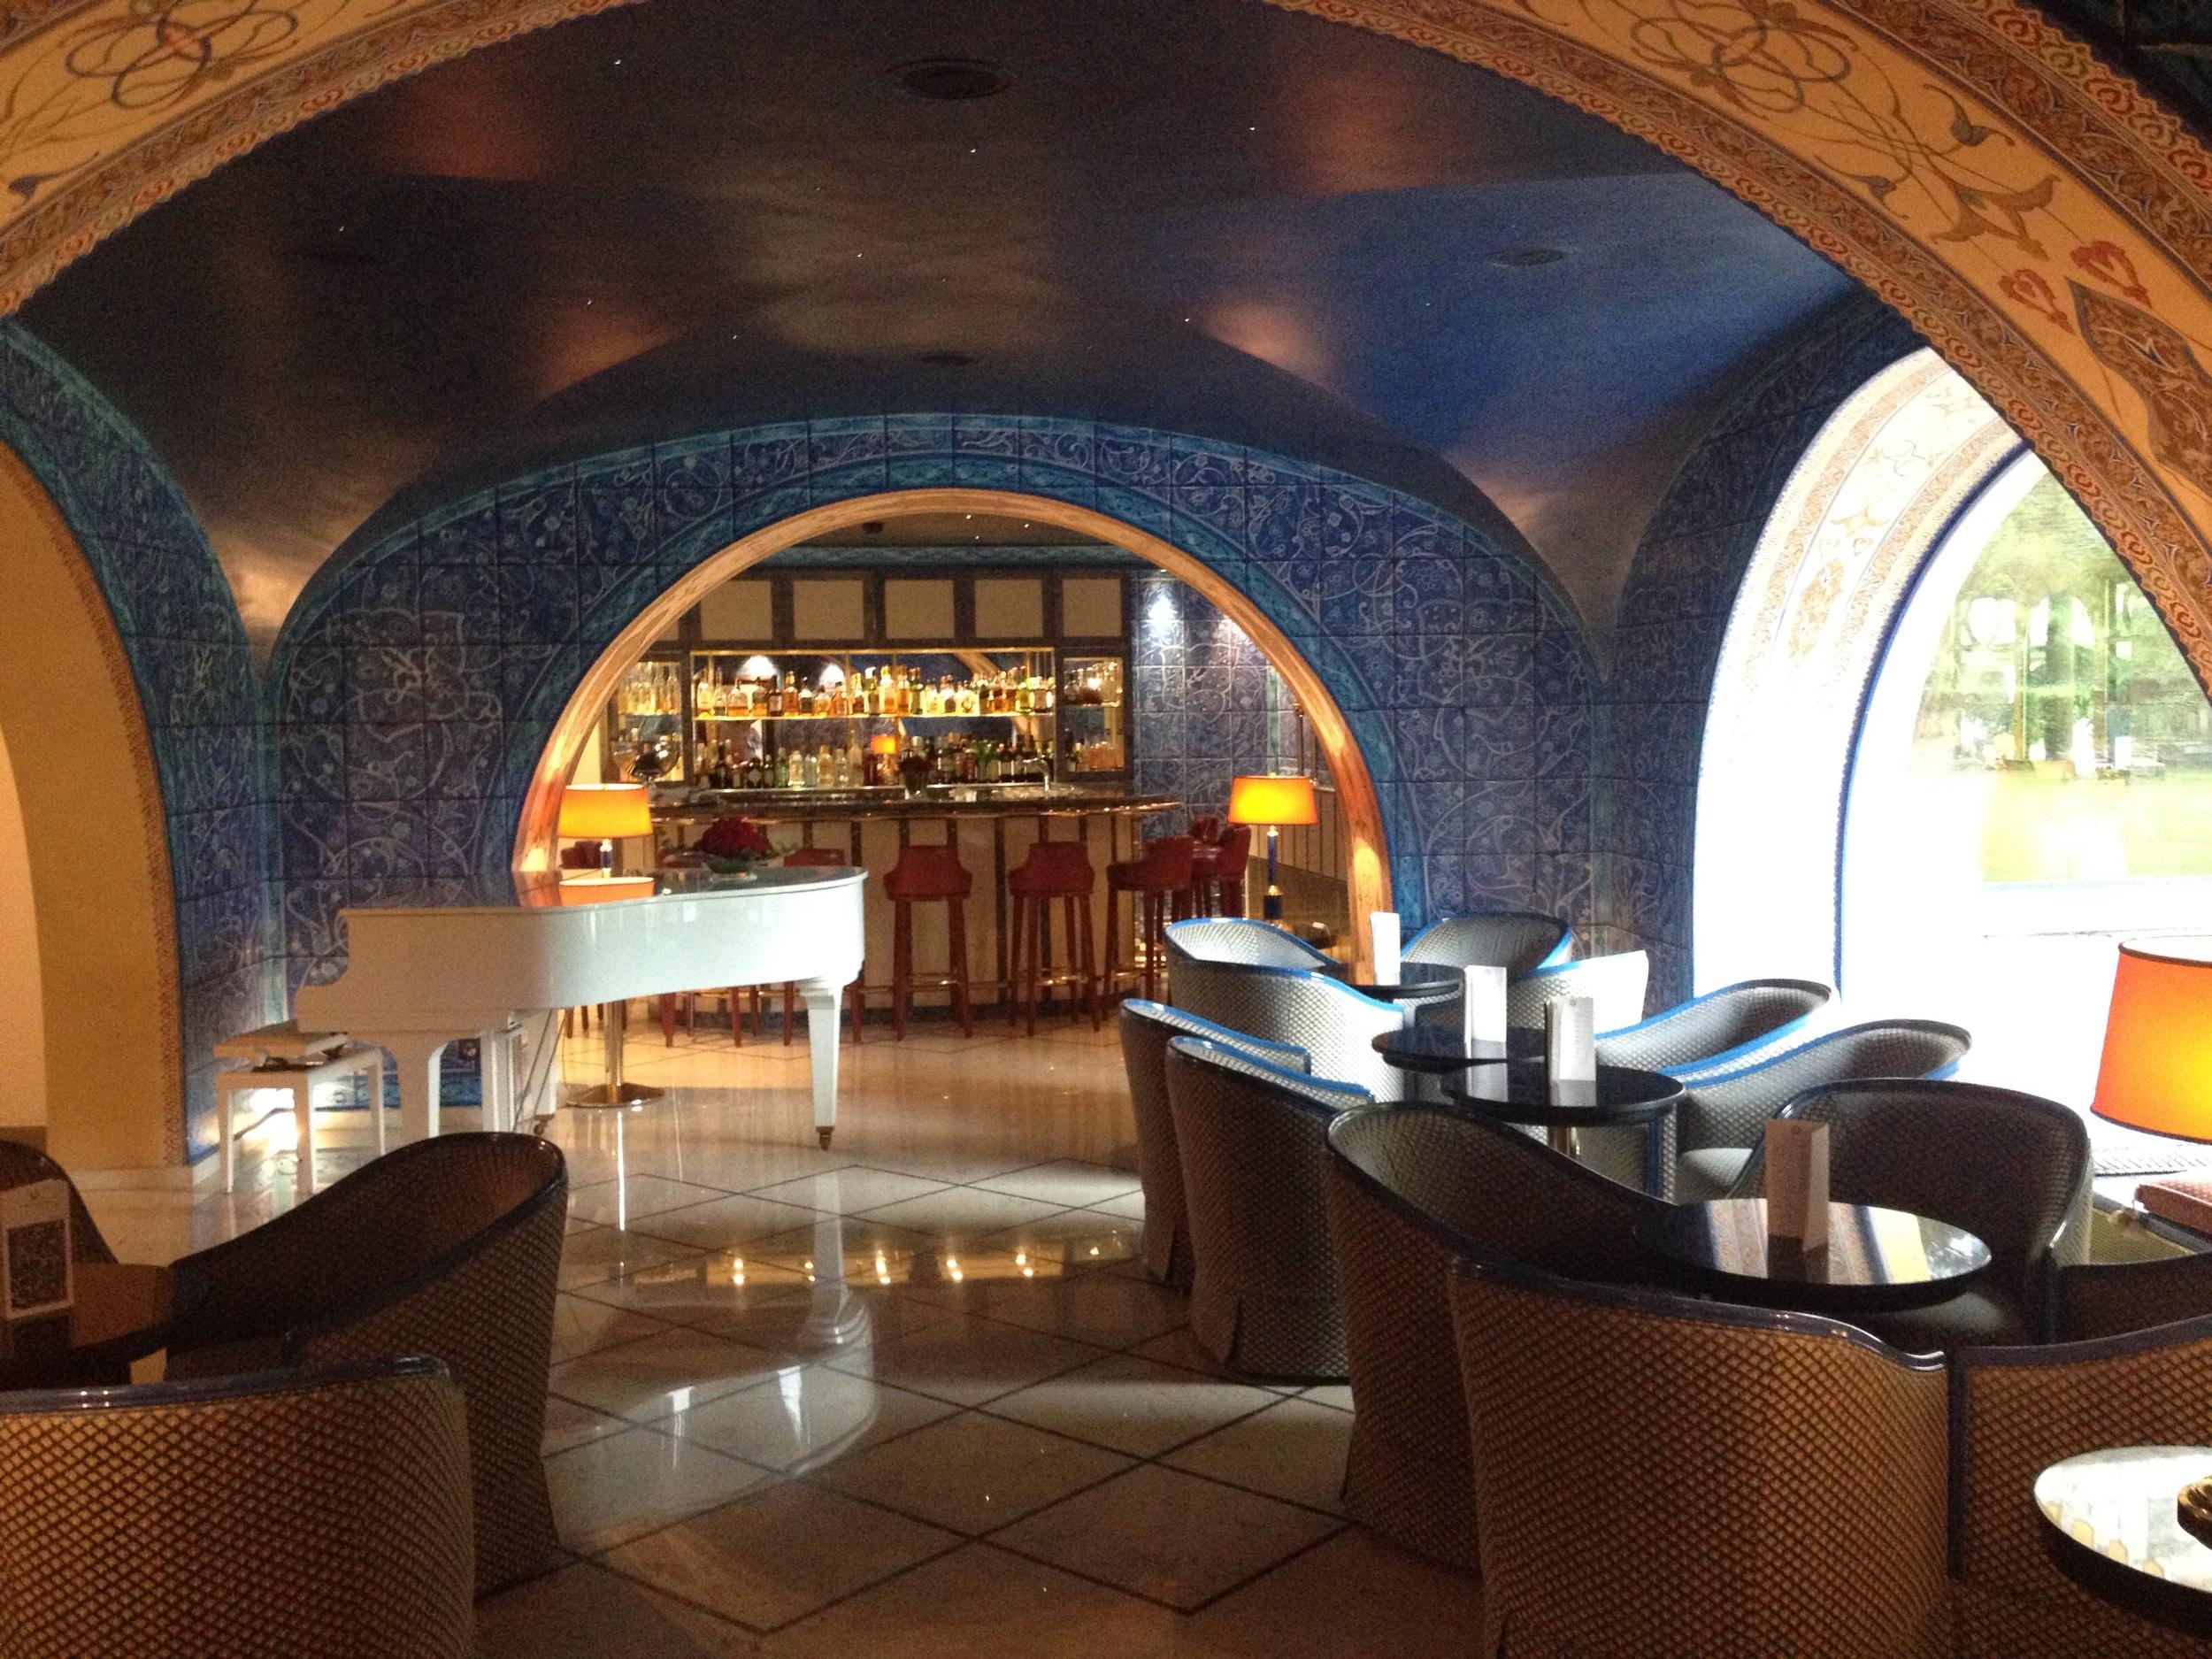 The bar at Hotel Castello Del Sole